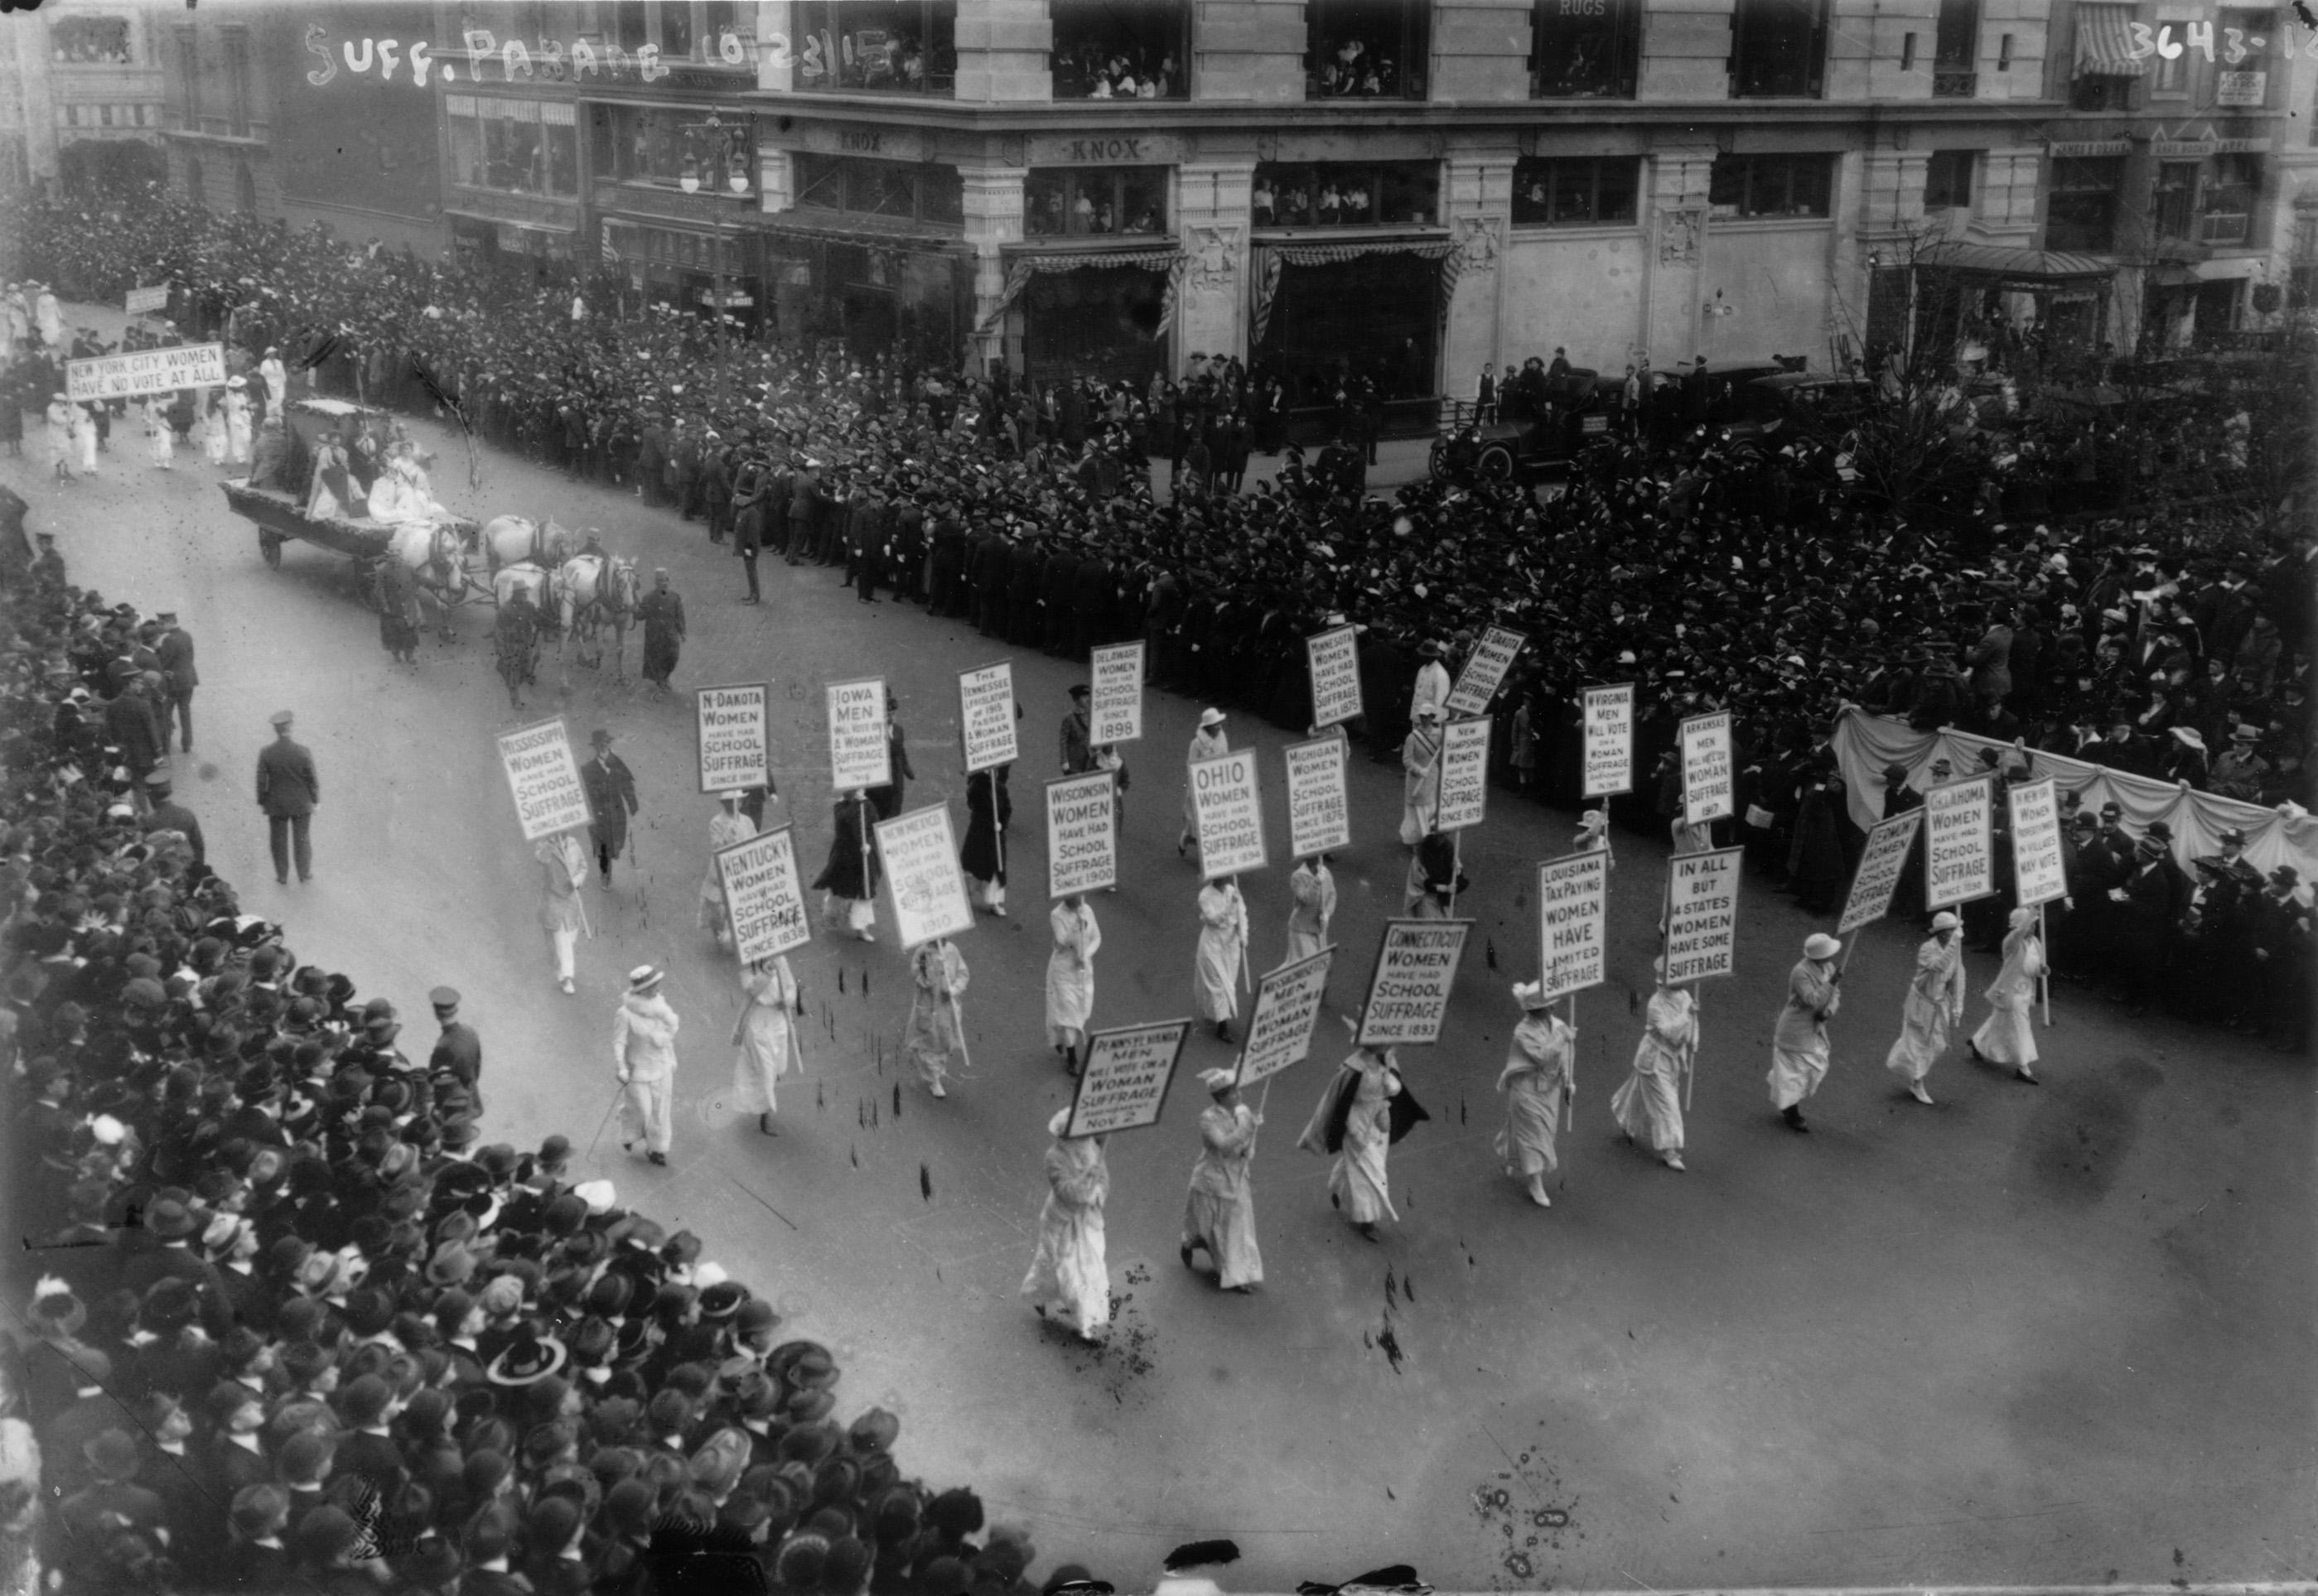 Women's Suffrage 1915 March